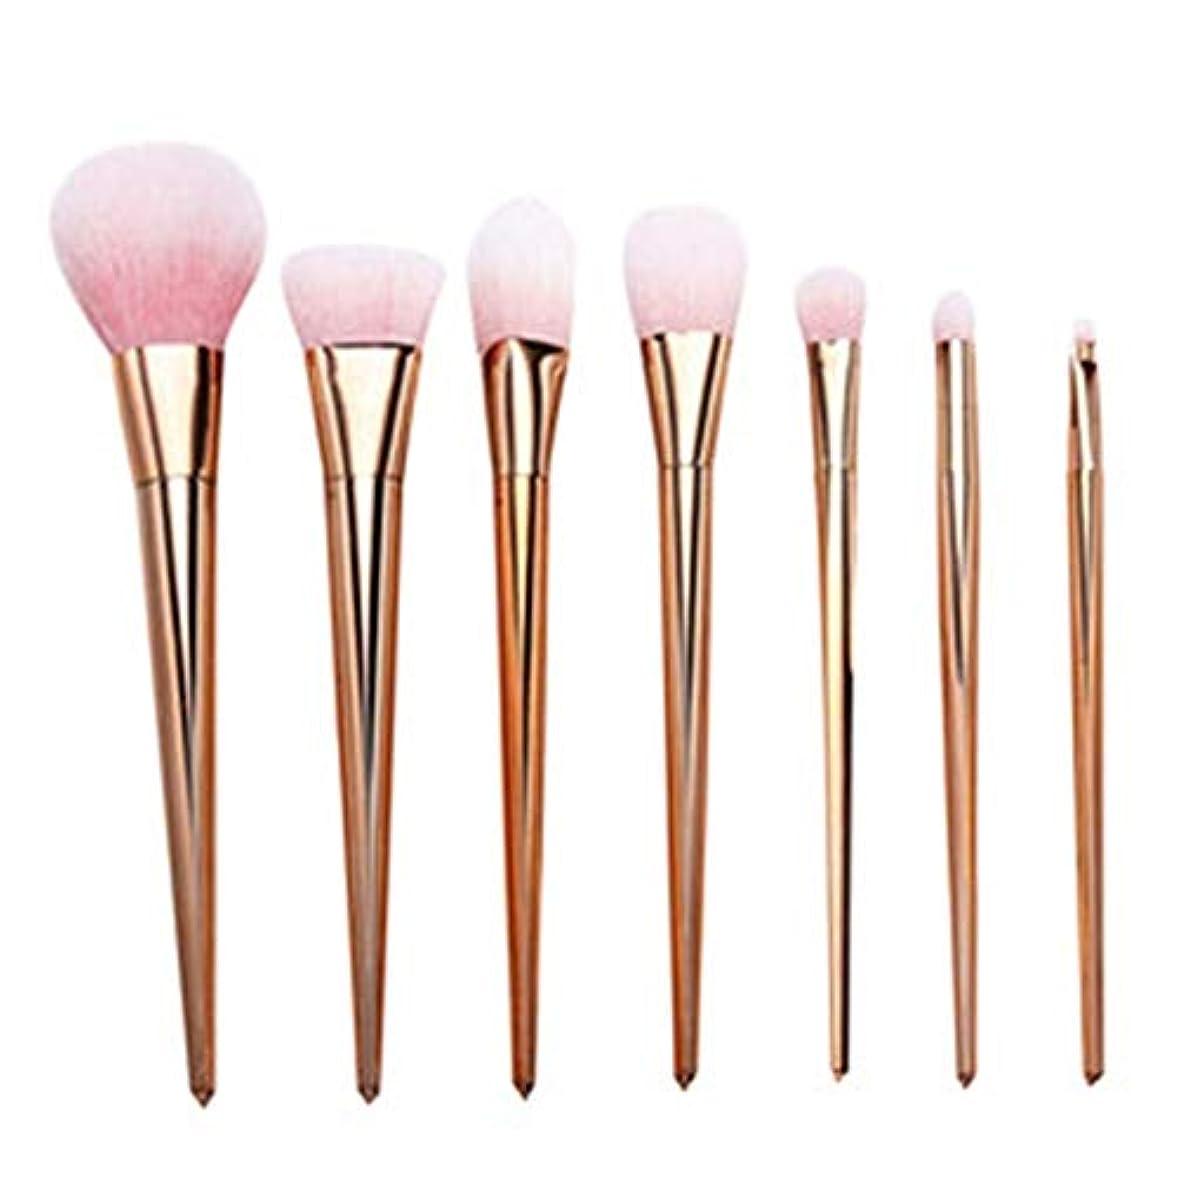 インド感度背が高いプロ メイクブラシ 化粧筆 シリーズ 化粧ブラシセット 高級タクロン 超柔らかい 可愛い リップブラシツール 7本セット (Color : Rose Gold)